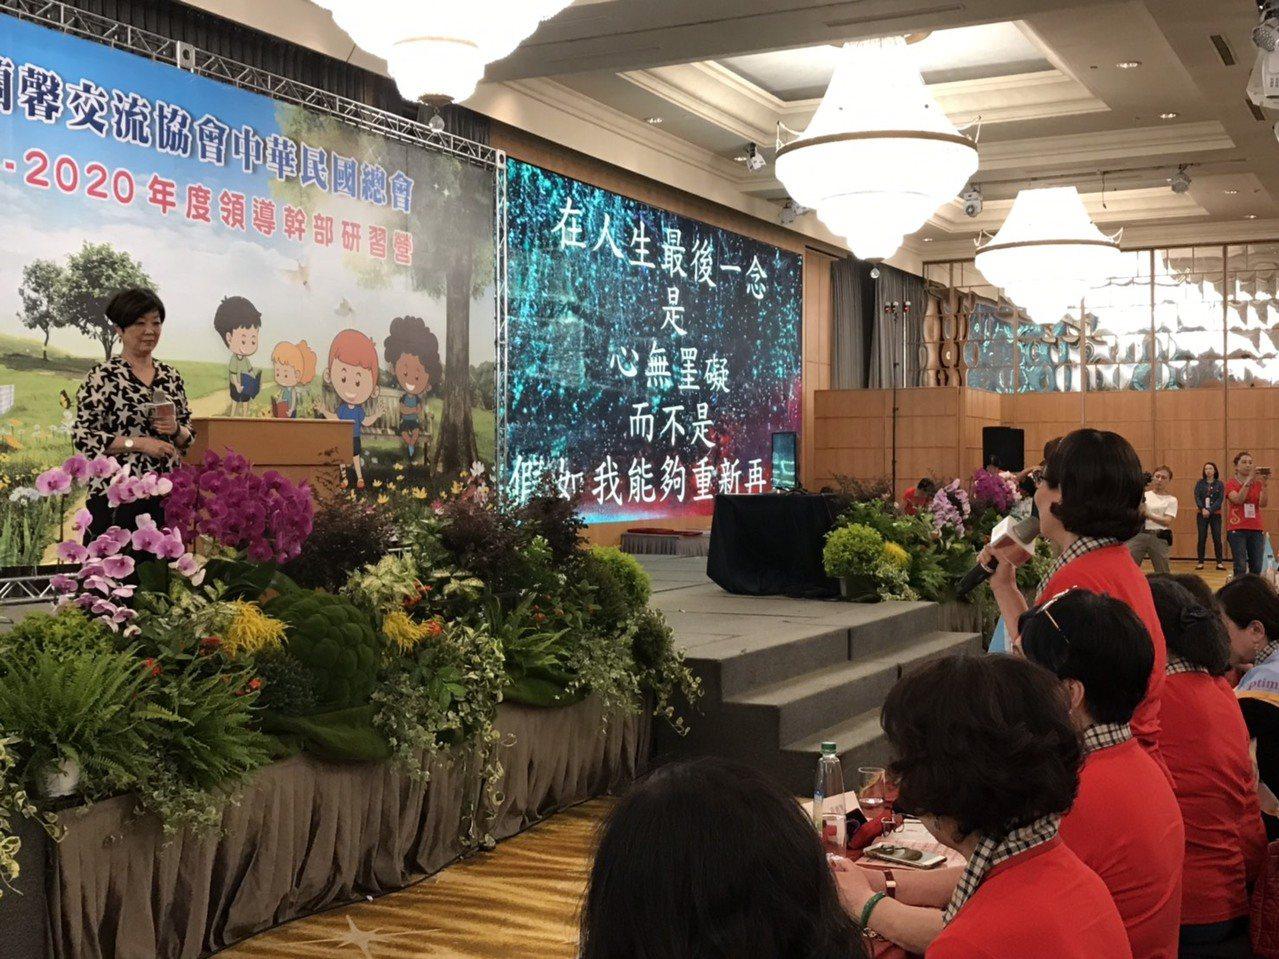 台積電慈善基金會董事長張淑芬應邀到高雄演講,主題是「把愛送出去」。記者徐白櫻/攝...